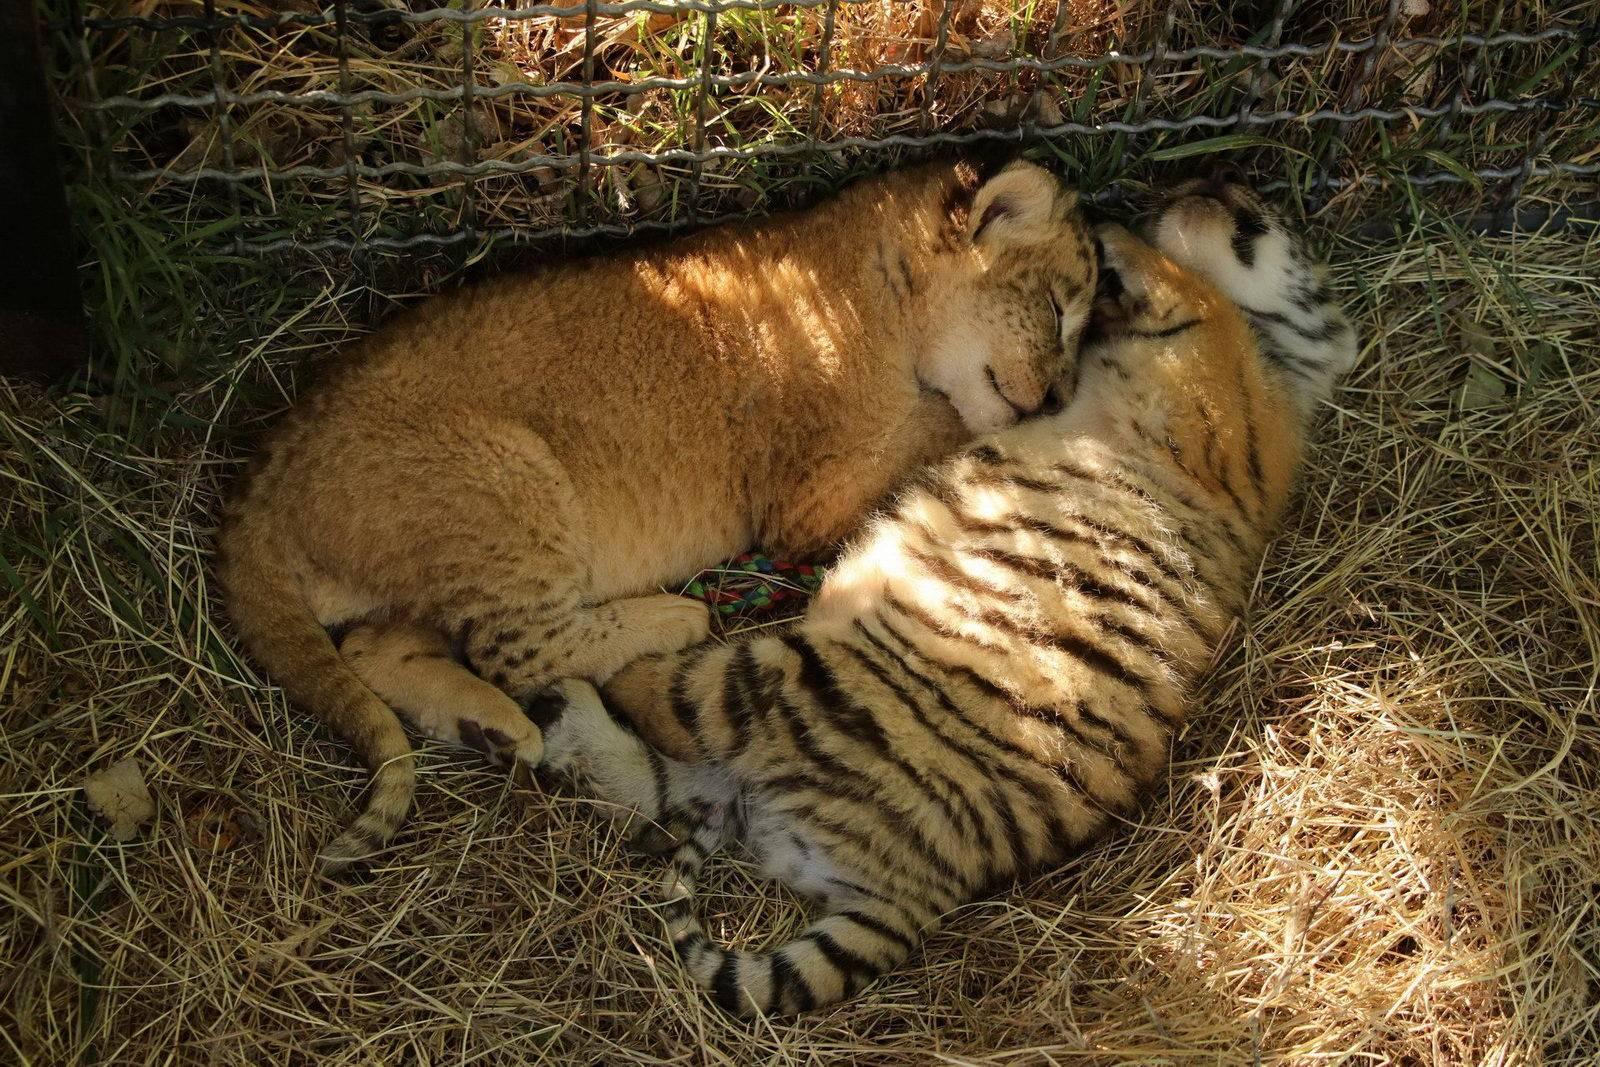 распечатать картинки львят и тигрята сегодняшний день кино